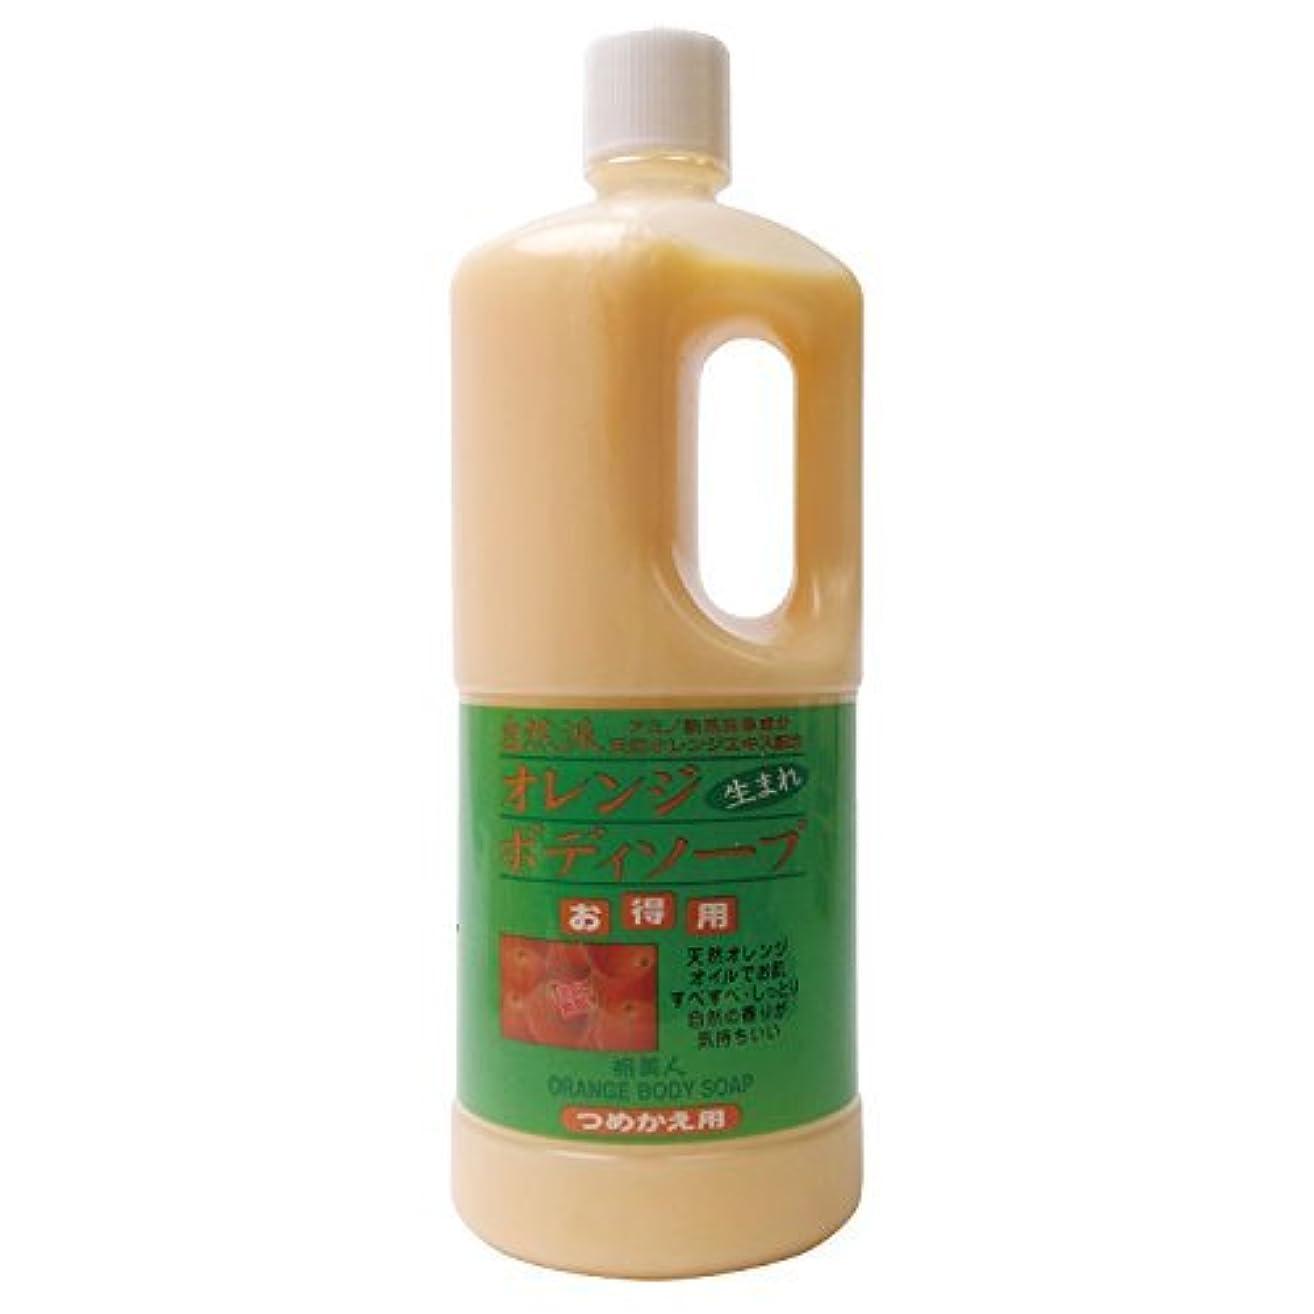 ナラーバー栄養連邦アズマ商事のオレンジボディソープ詰め替え用1000ml